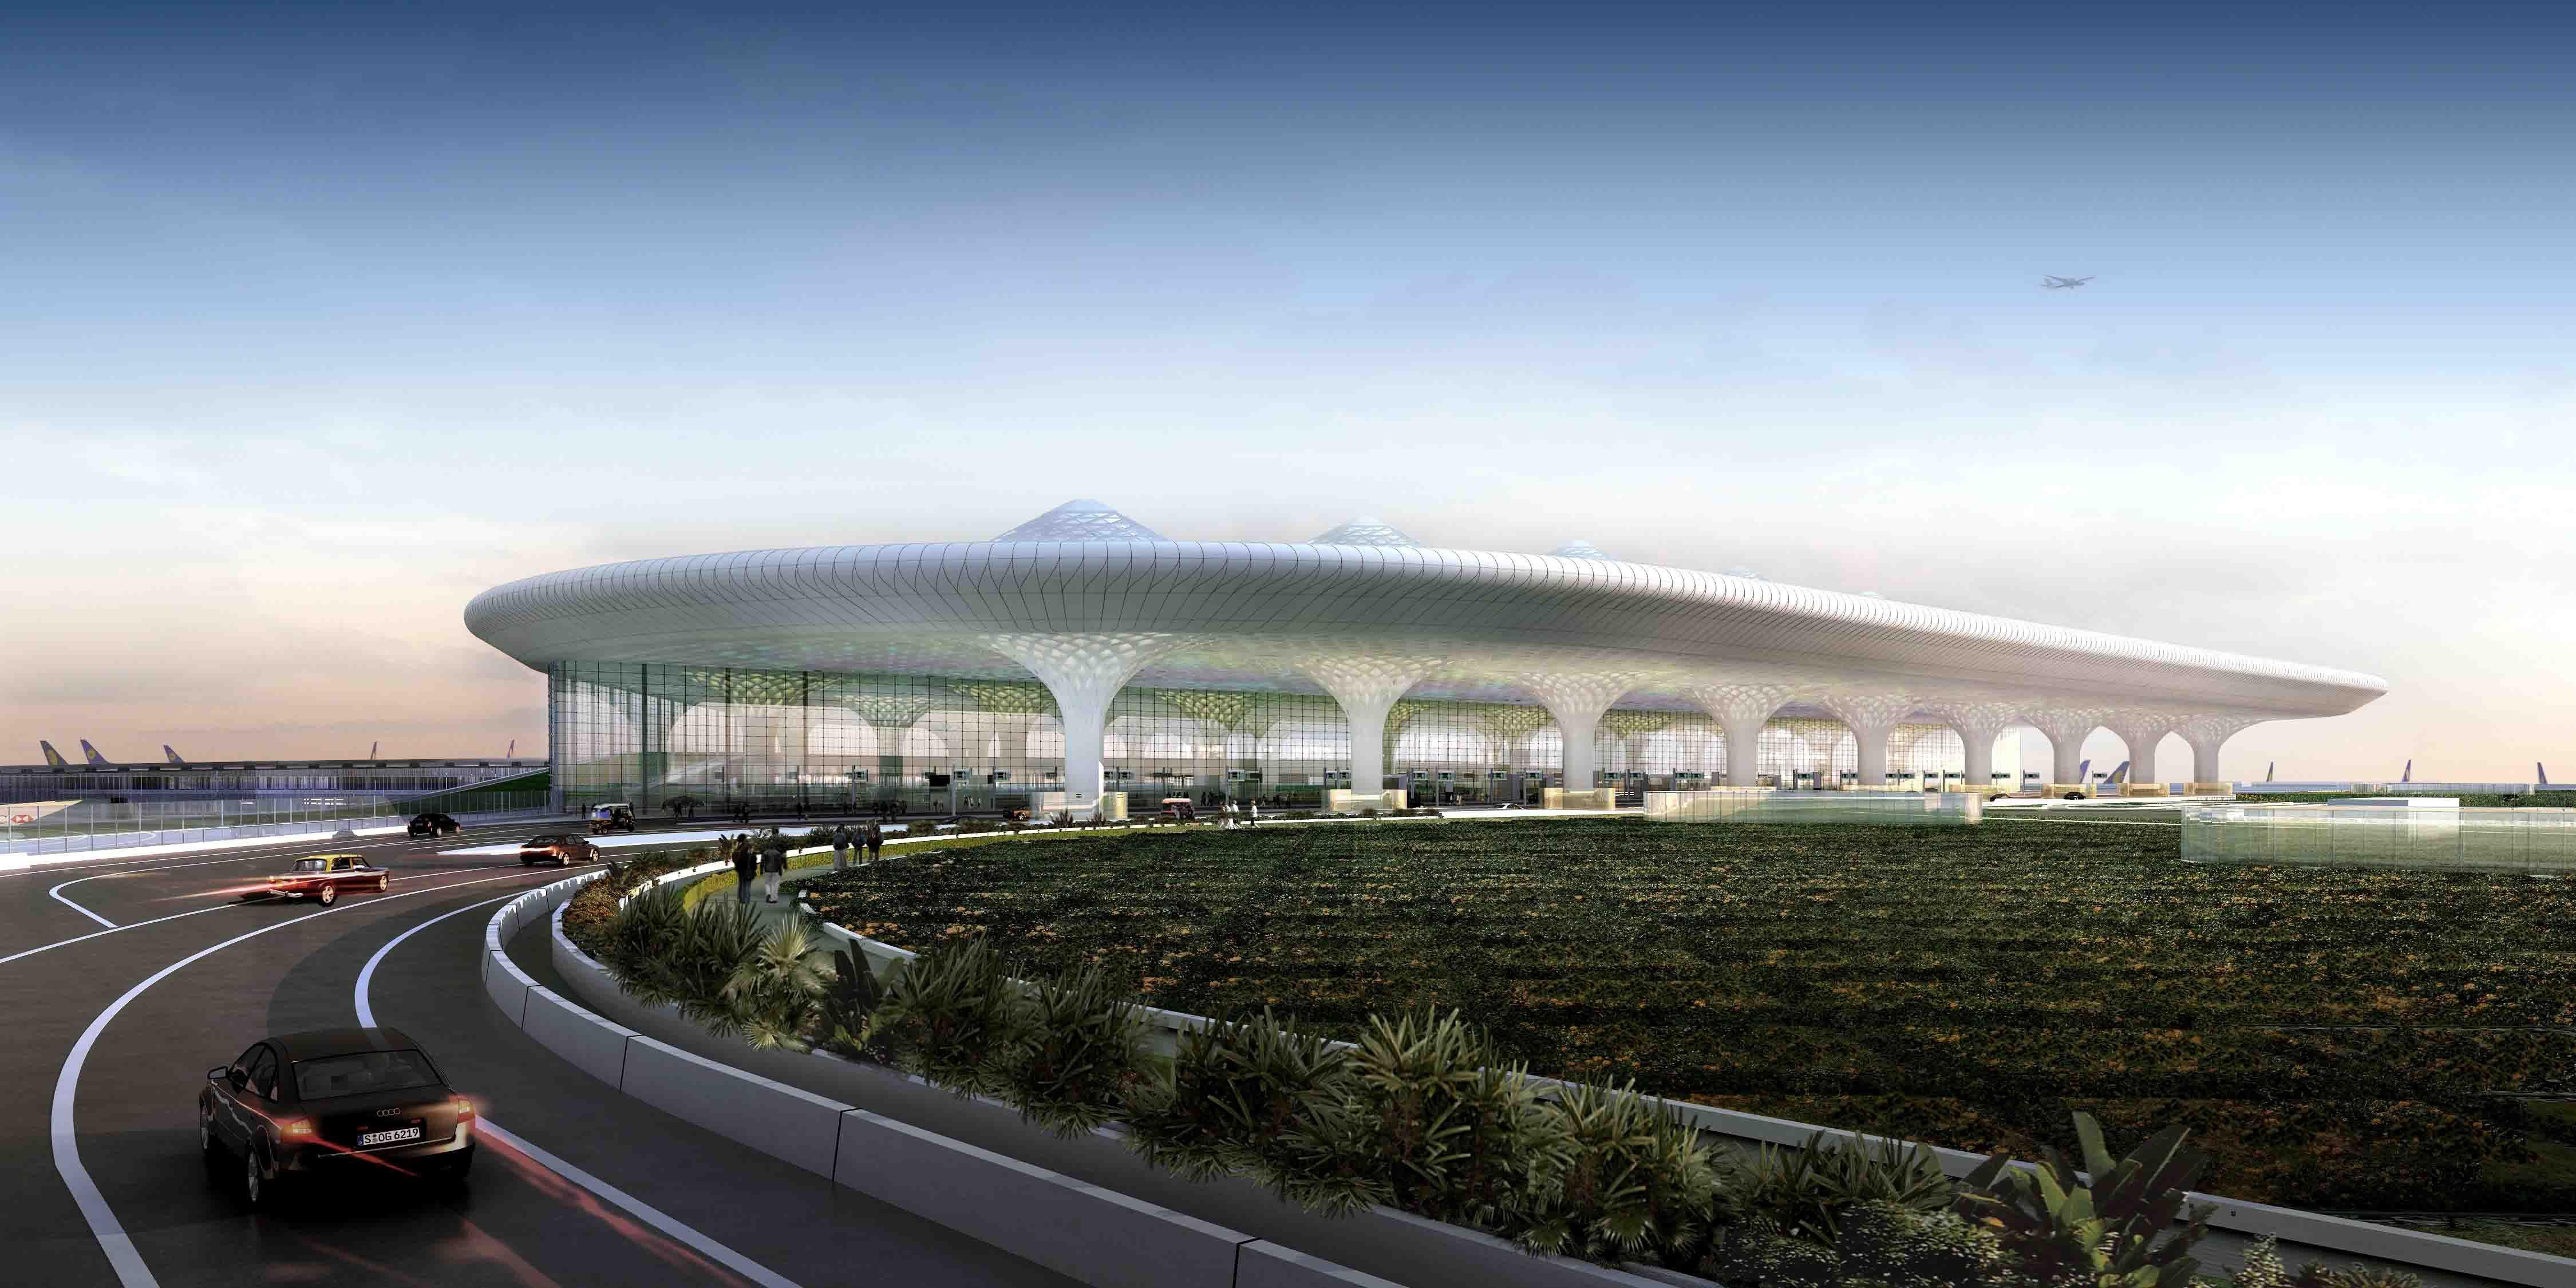 Sân bay lung linh trên nền trời xanh thẳm